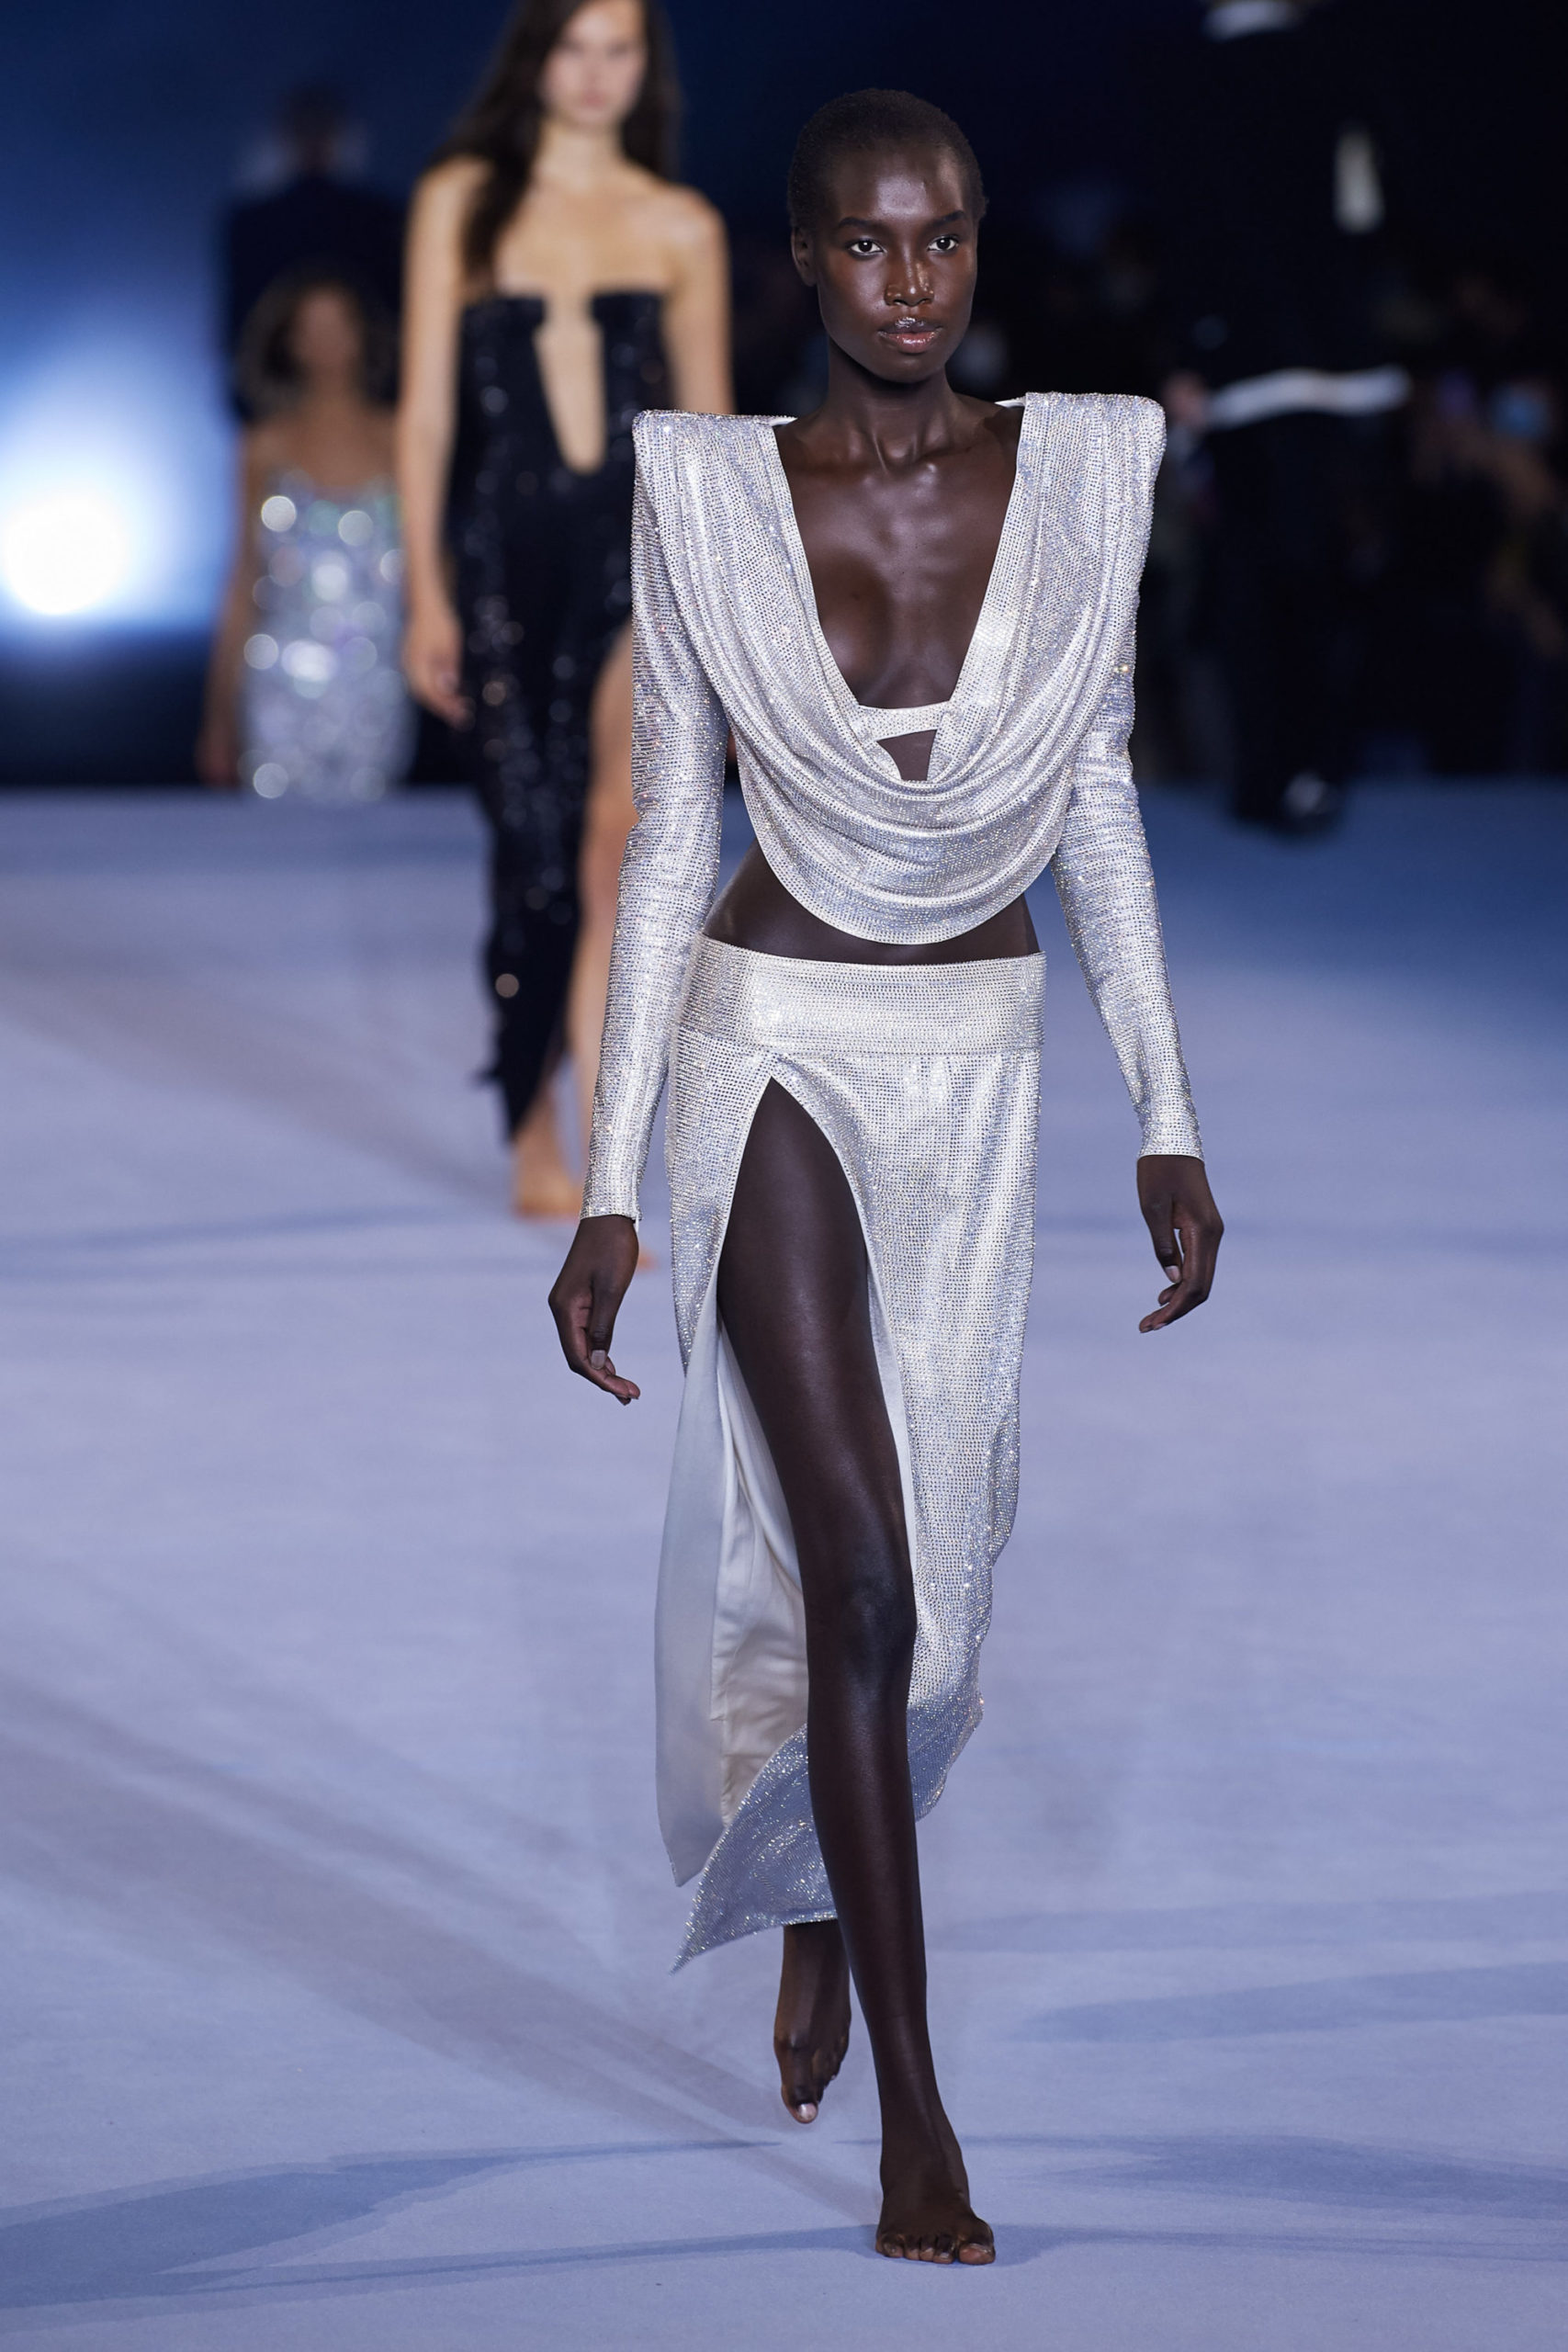 Платье с вырезом от Balmain модель 2021 года